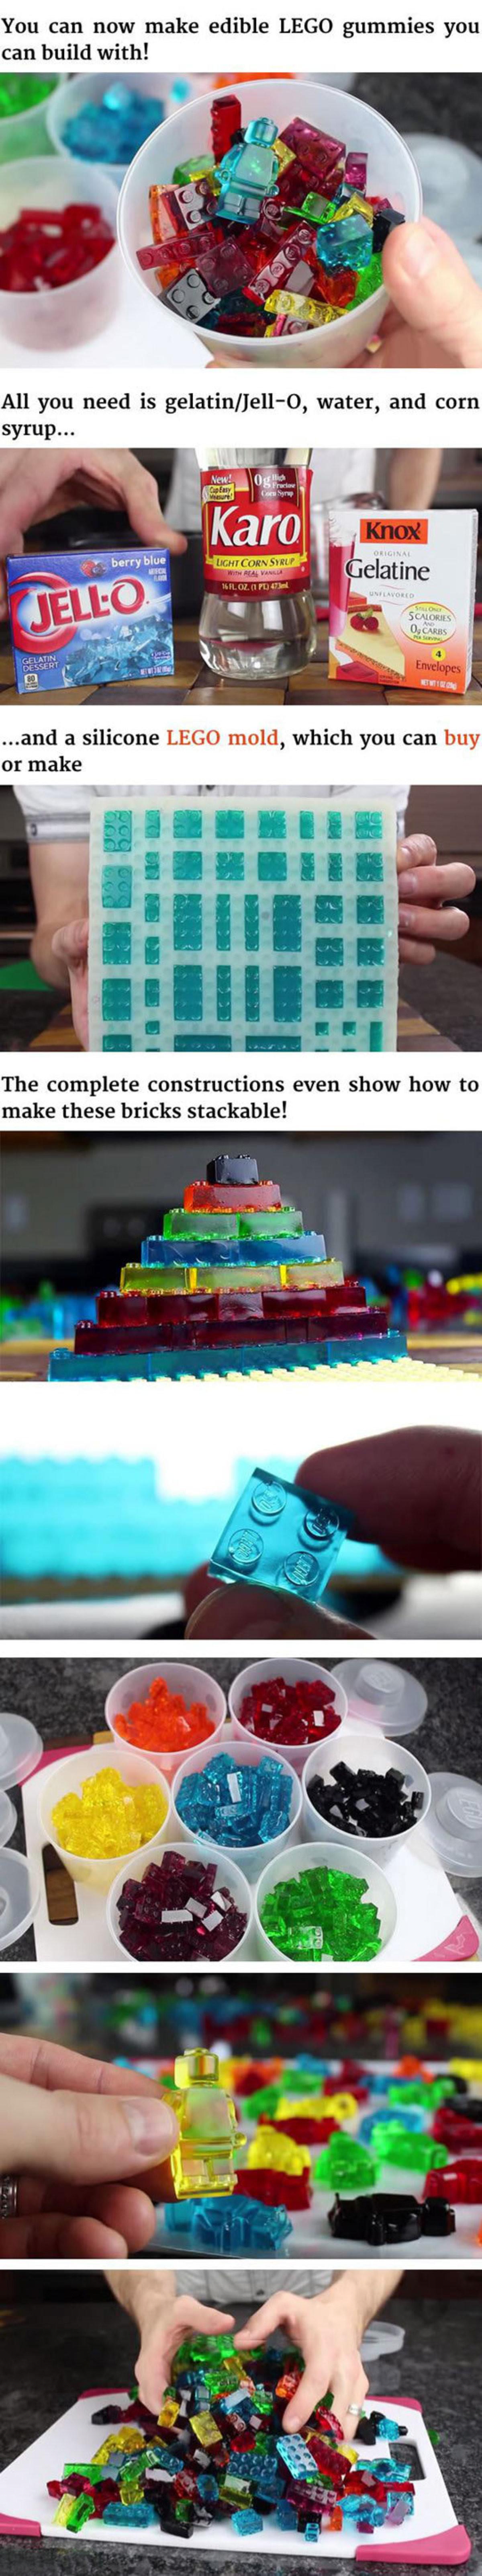 Edible Legos. ..  a brick